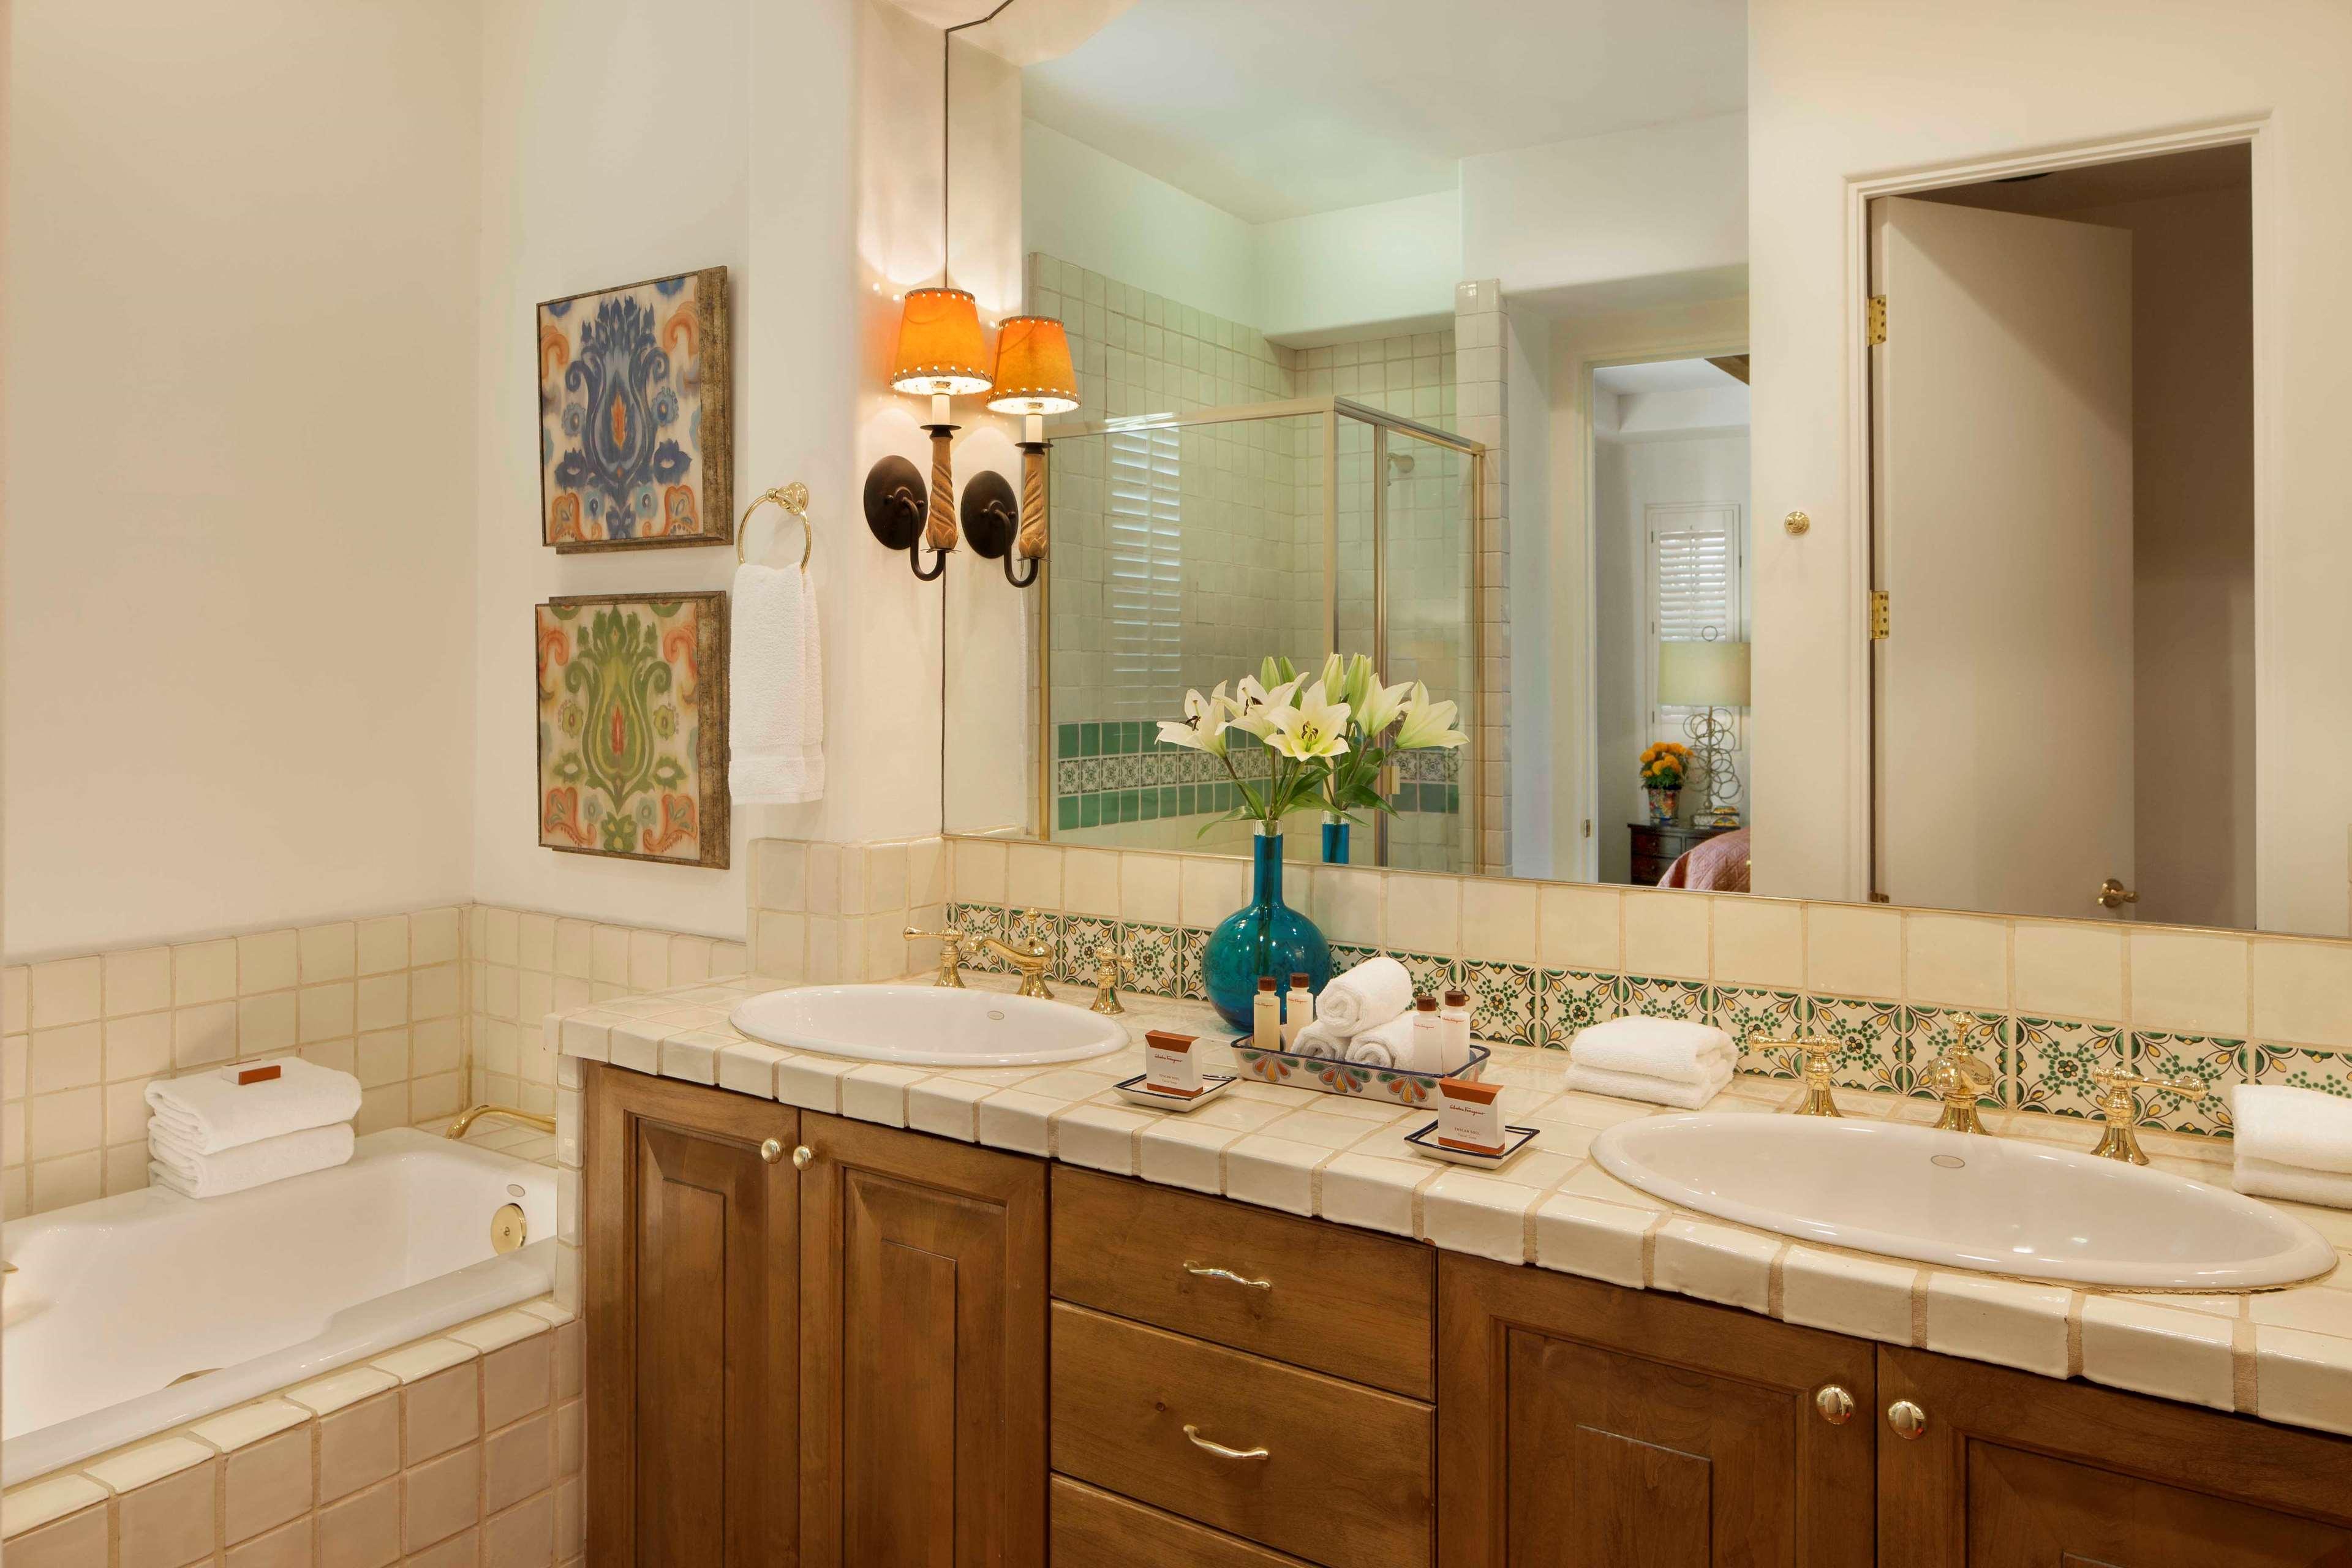 La Quinta Resort & Club, A Waldorf Astoria Resort image 16